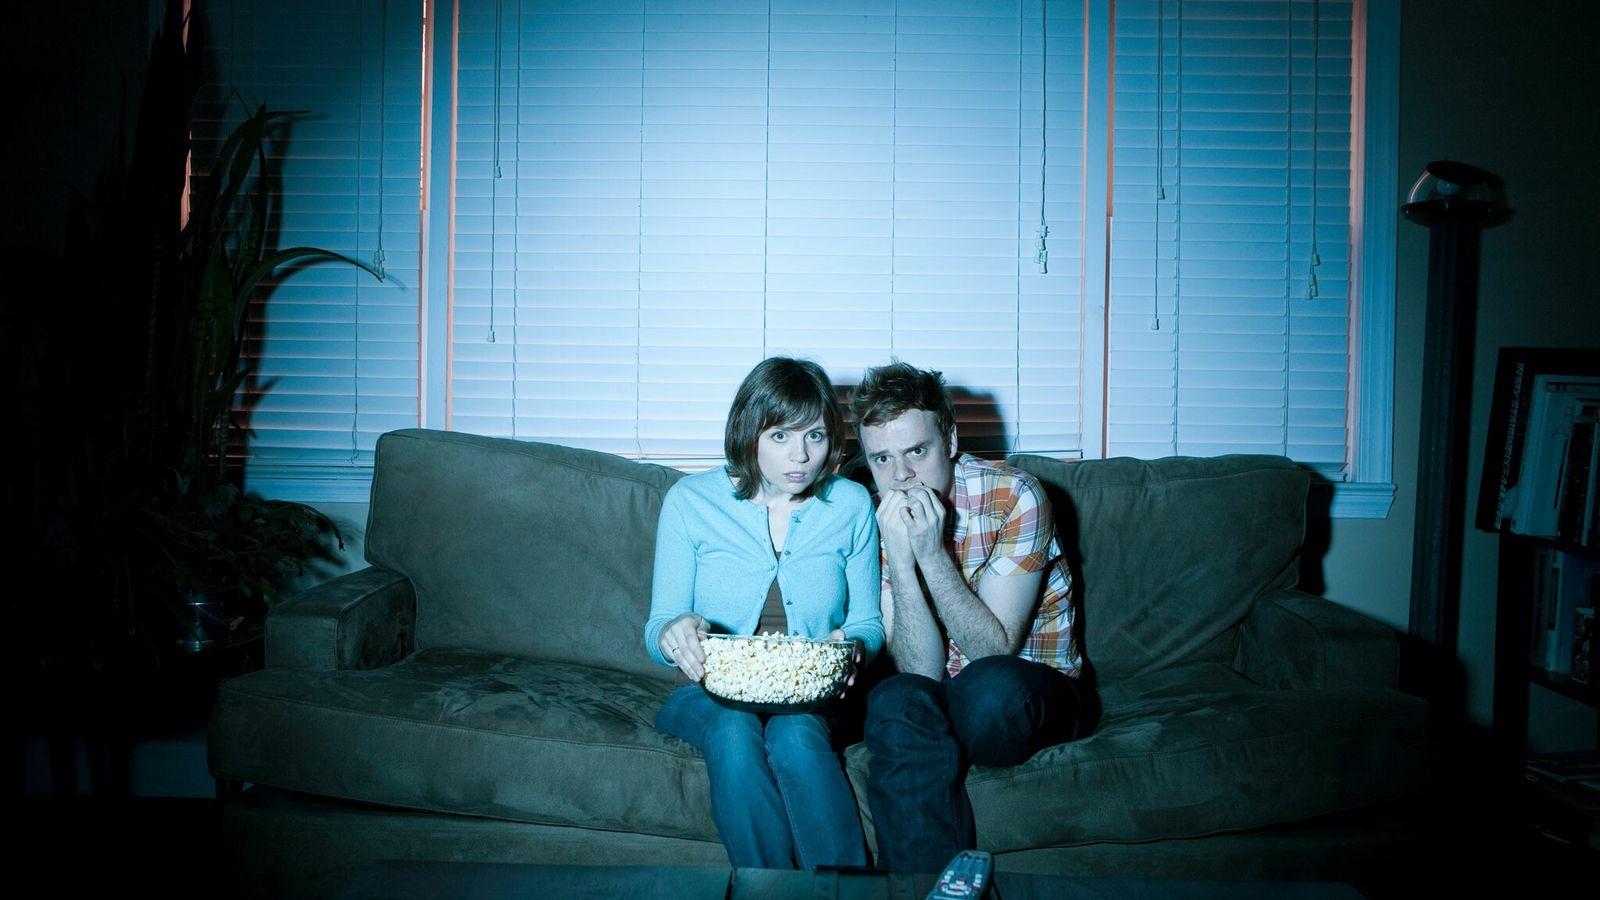 En plus de la fascination qu'ils provoquent chez certaines personnes, les films d'horreur peuvent déclencher des ...